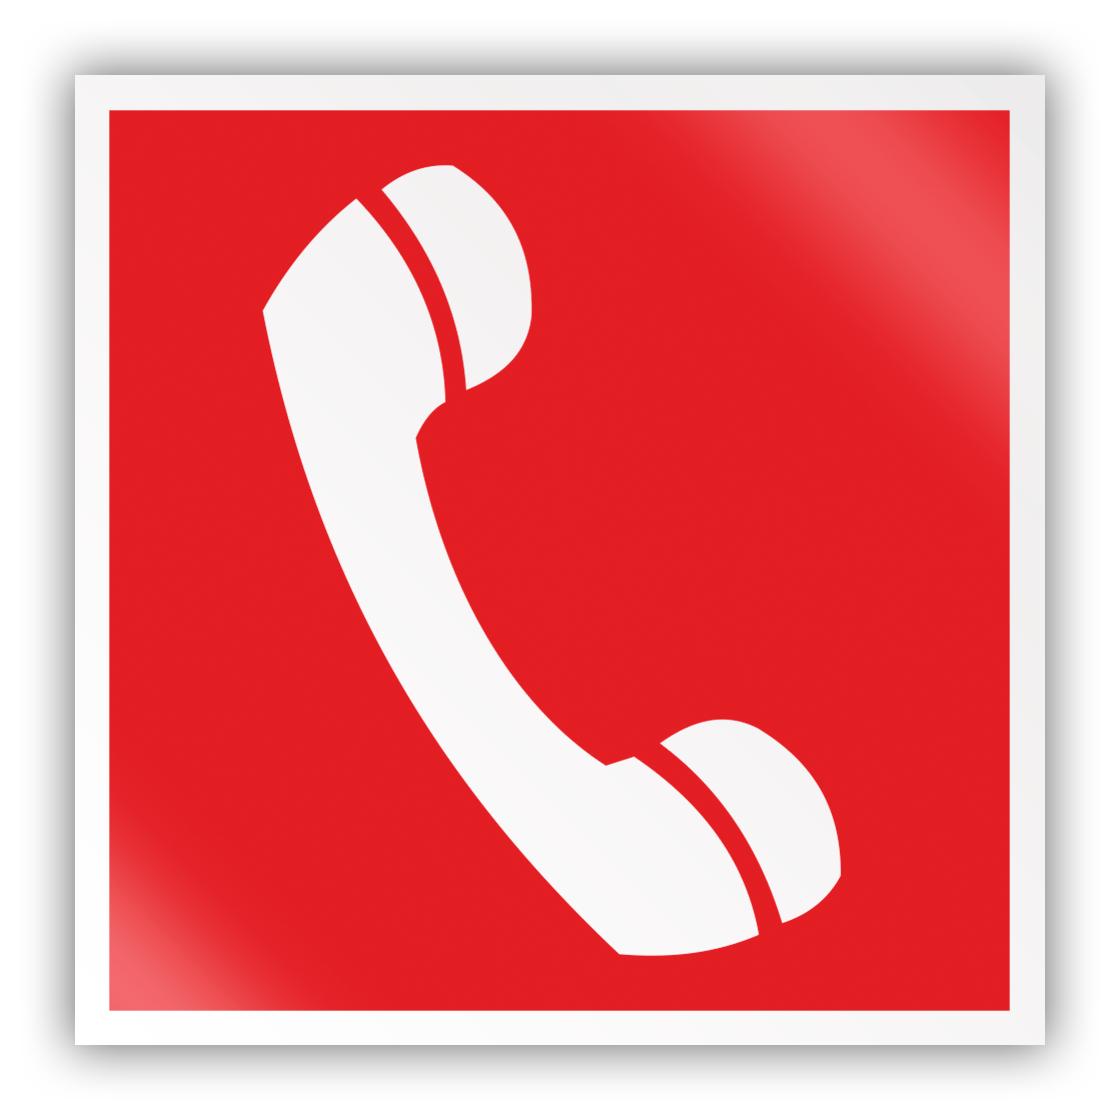 Светоотражающий знак на пластике F05 «Телефон для использования при пожаре (в том числе телефон прямой связи с пожарной охраной)» (2-мм пластик с накаткой С/О пленки, 200х200 мм)